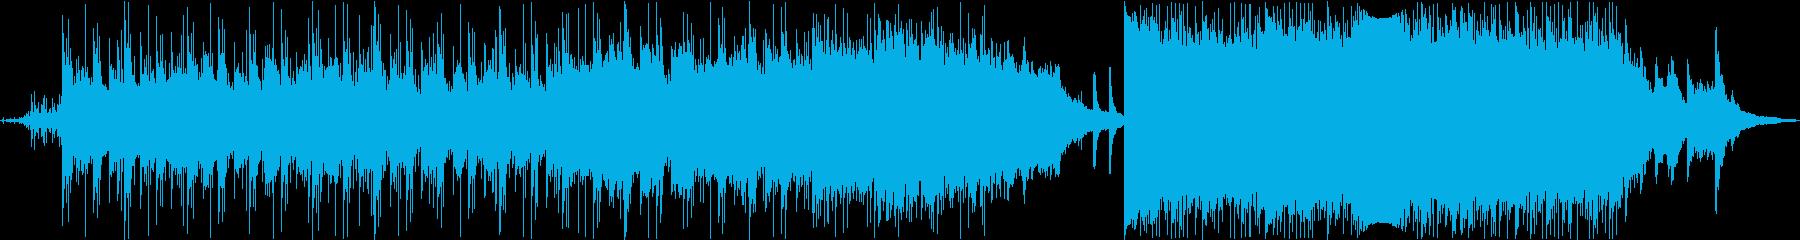 ピアノオーケストラのドラマチックメロディの再生済みの波形